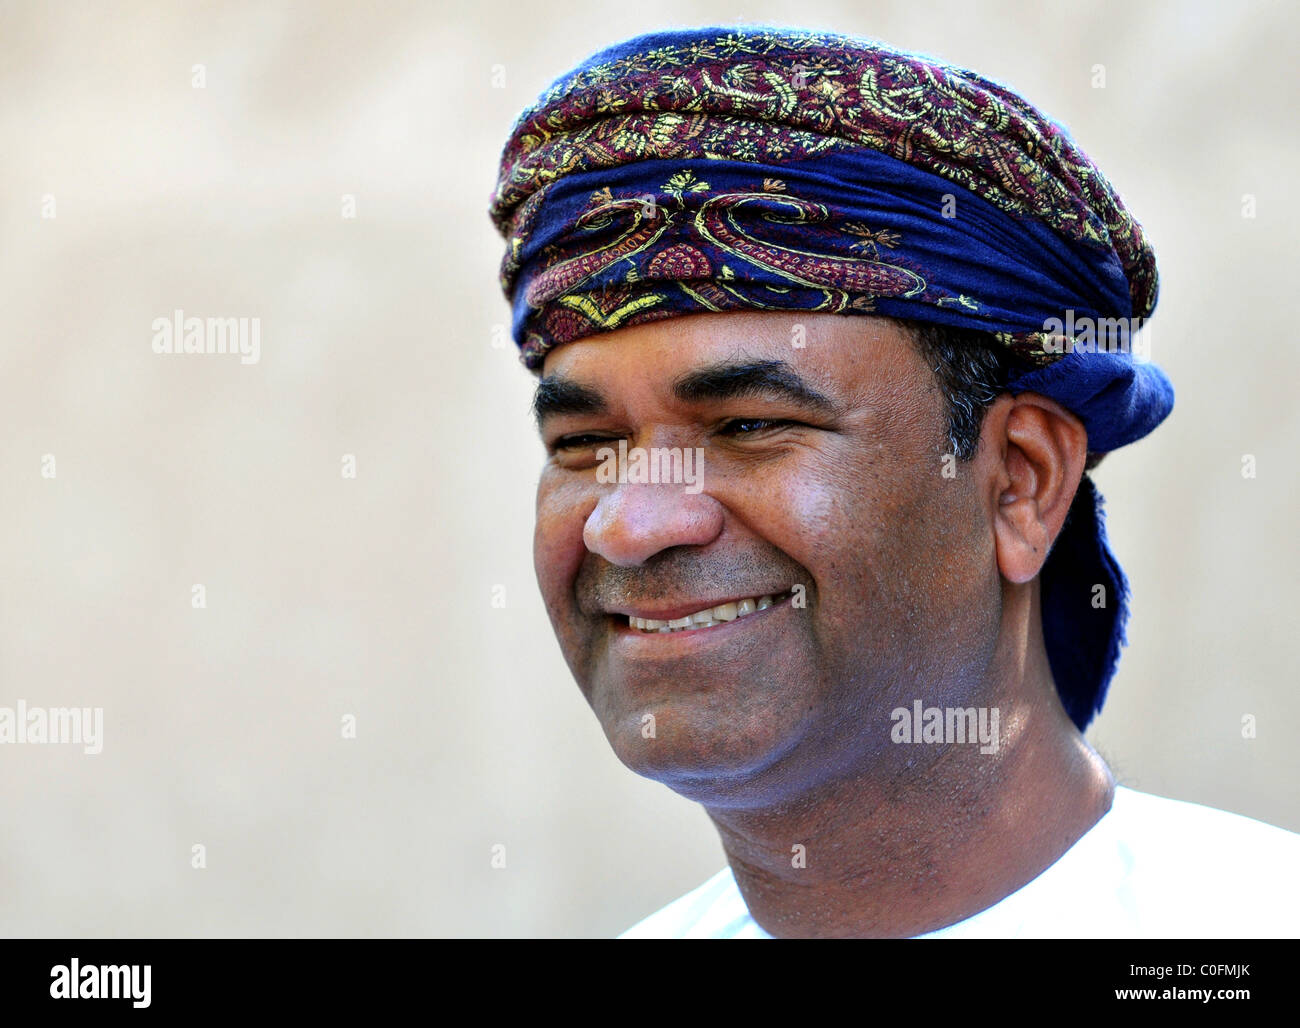 Uomo locale. Il Sultanato di Oman. Immagini Stock